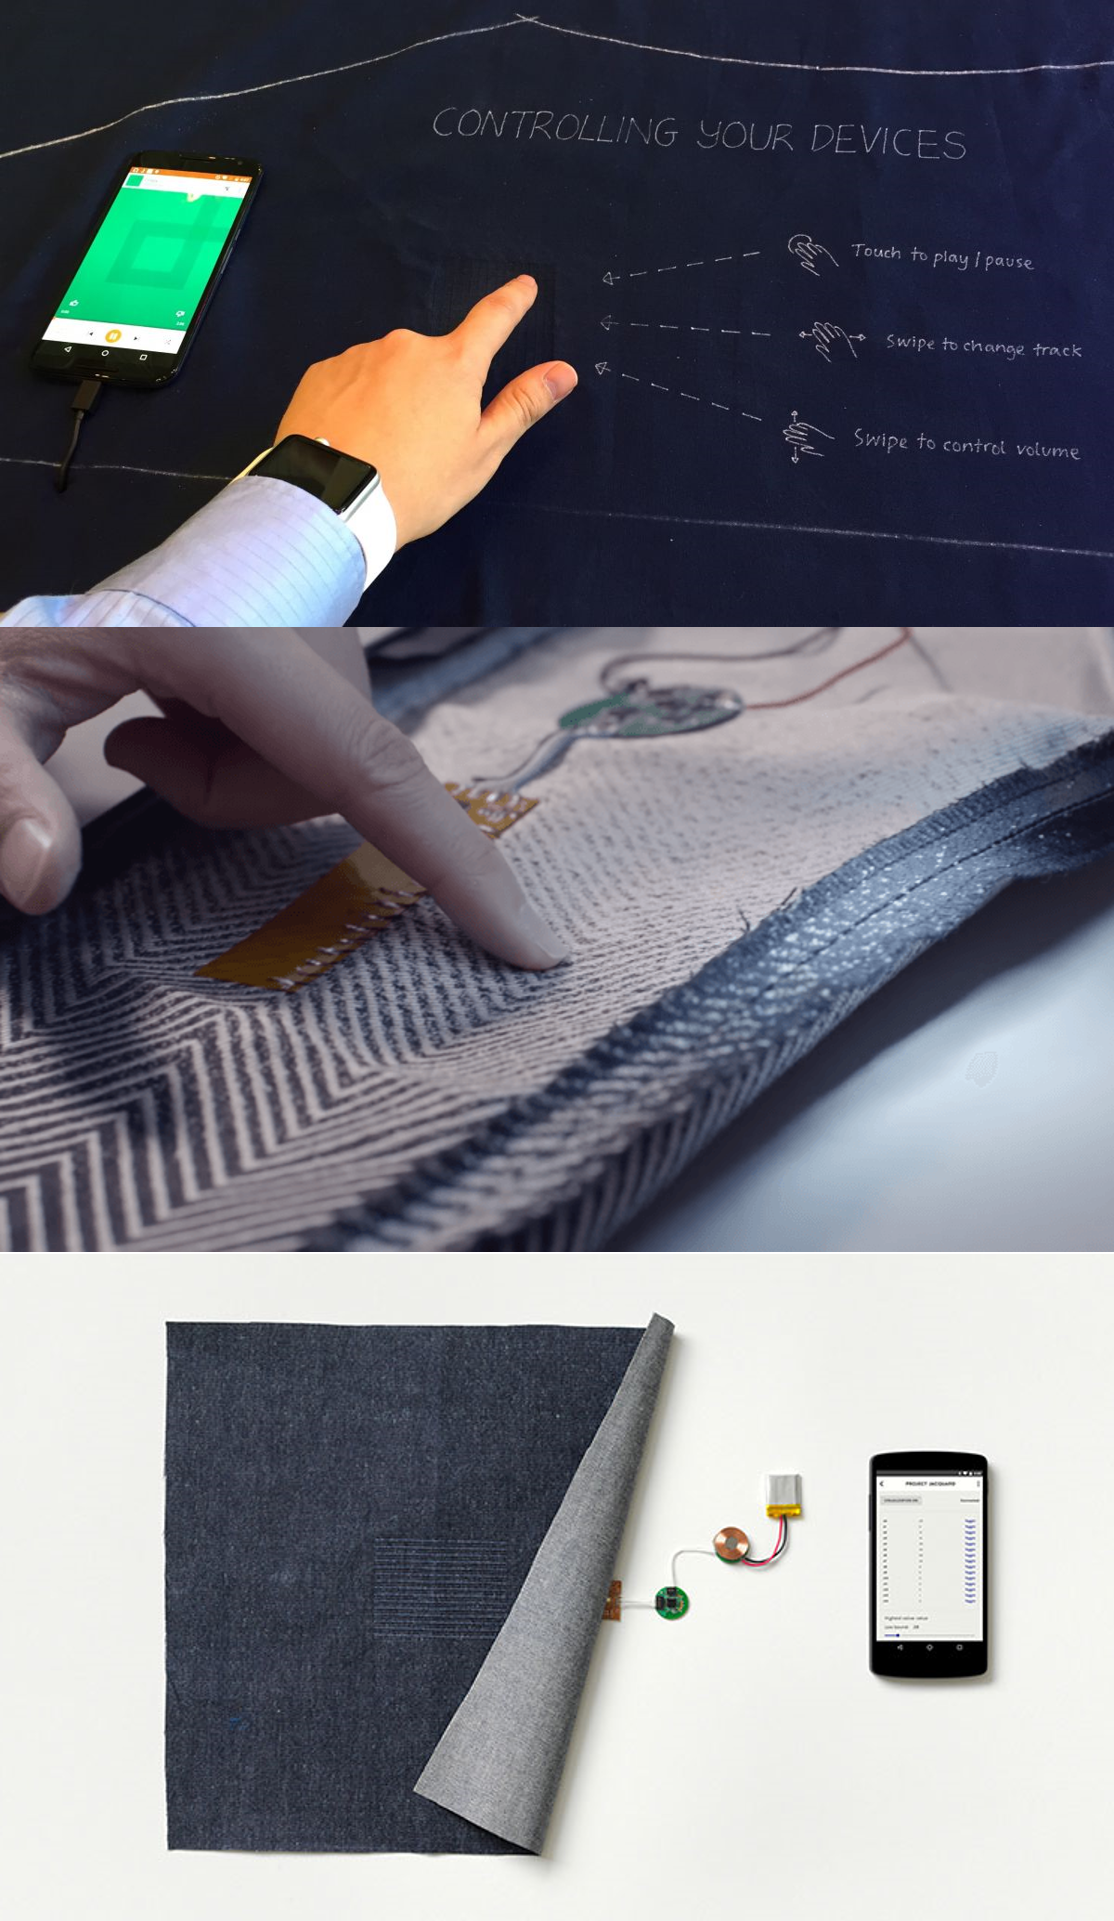 觸控布料讓牛仔褲成為新的互動介面